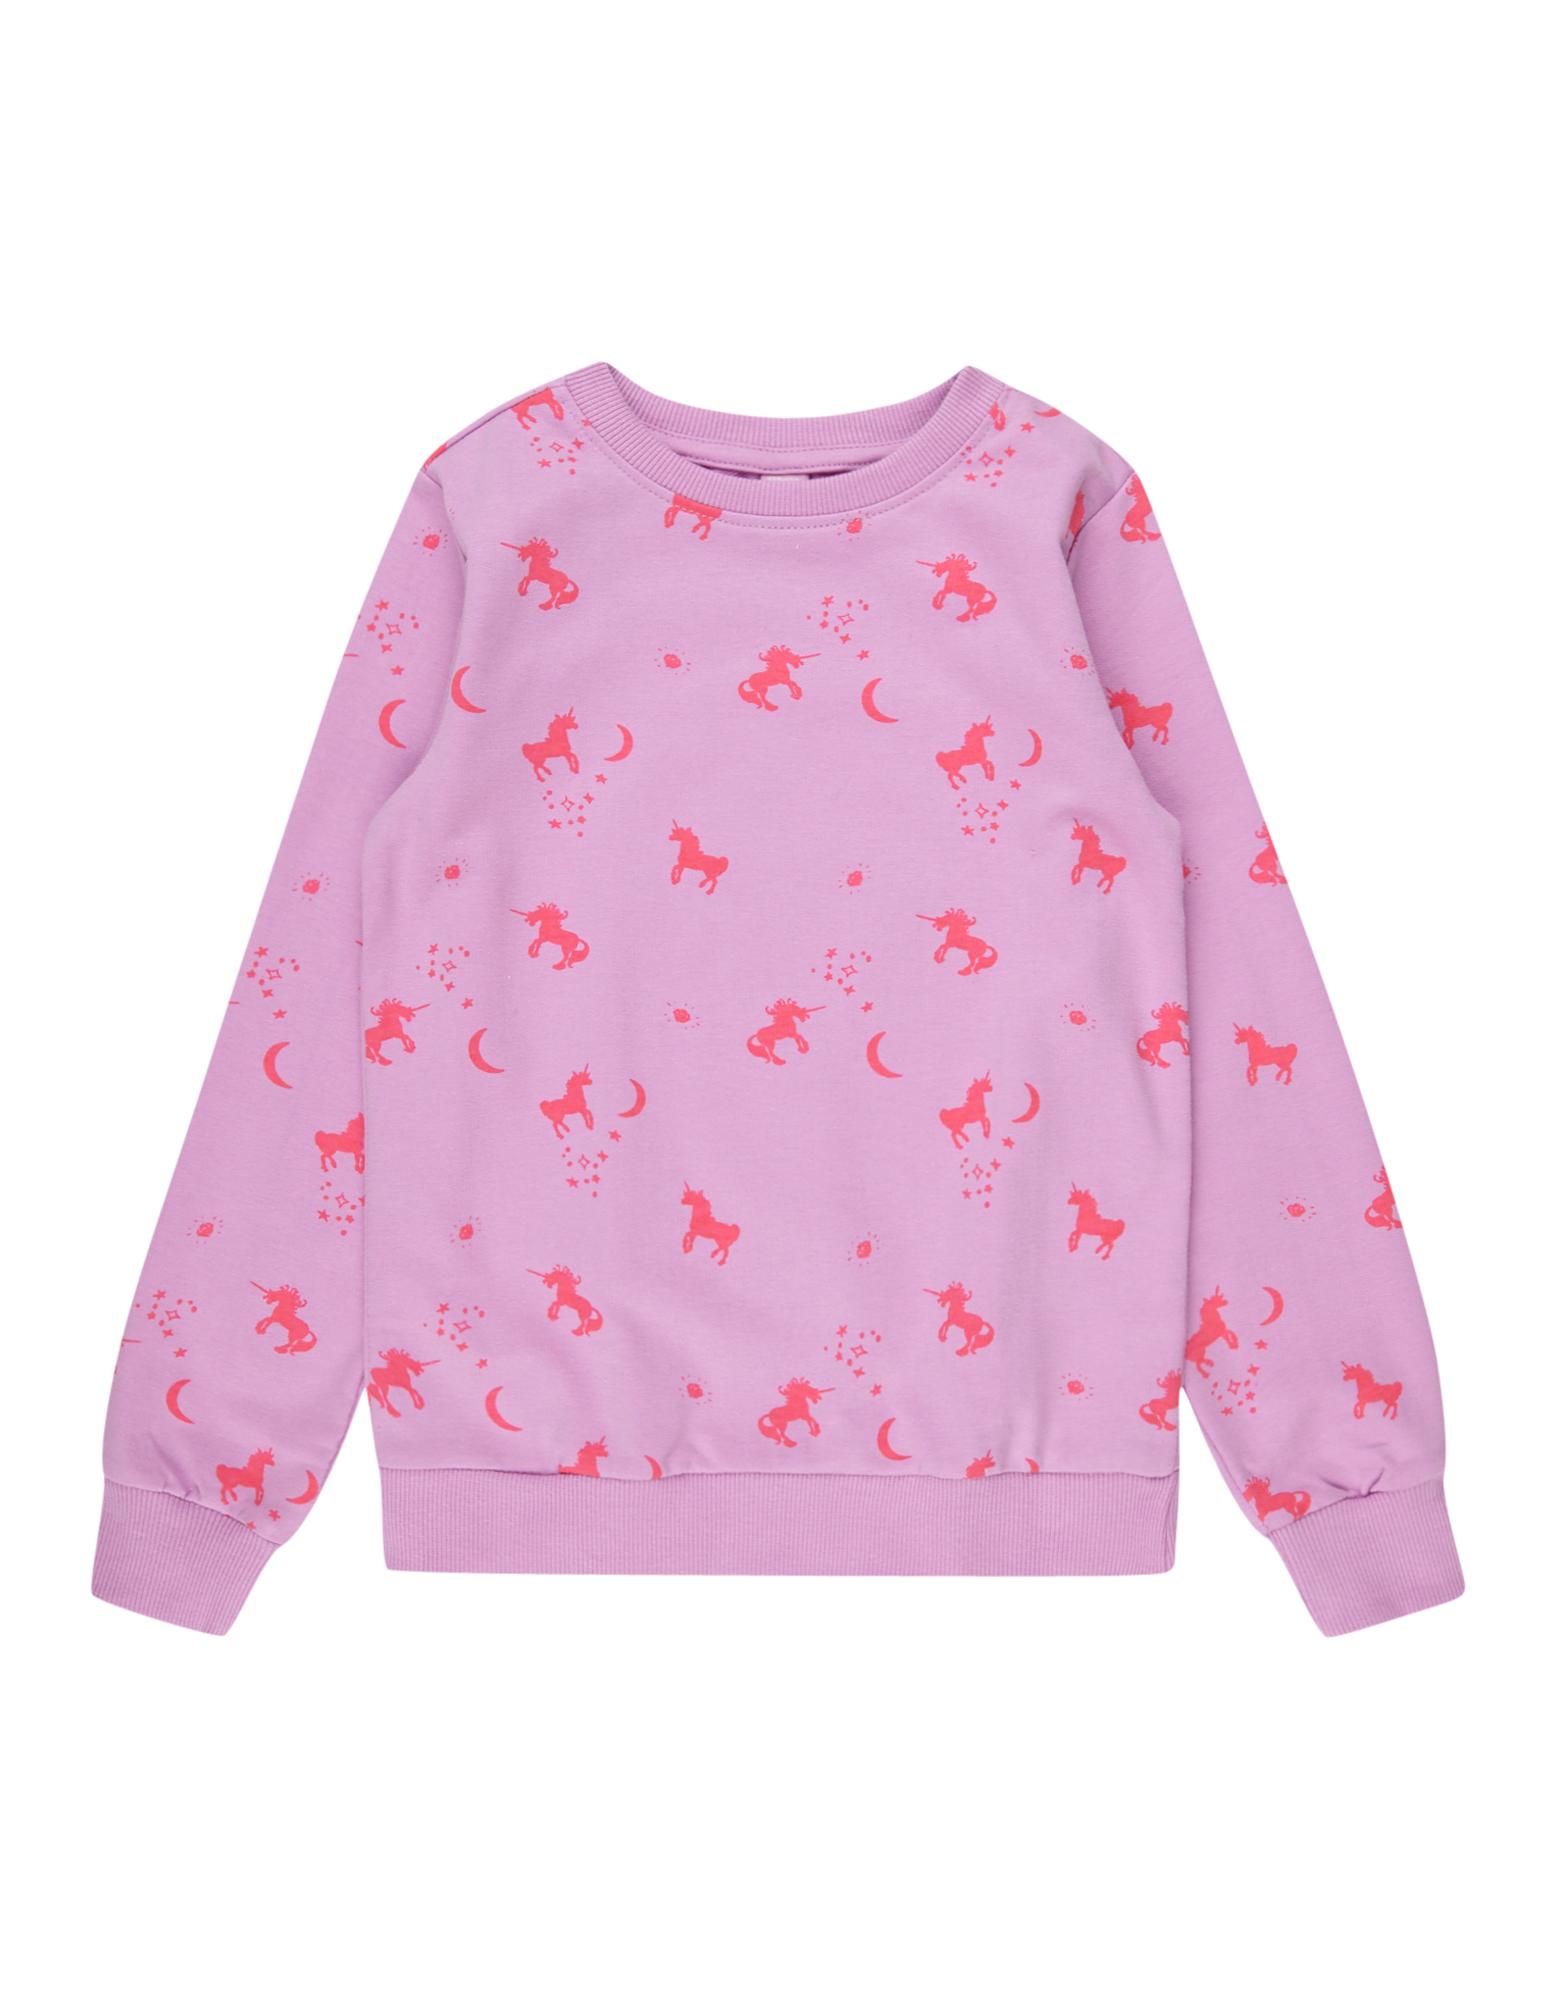 Mädchen Sweatshirt mit Einhorn-Prints  | 81487219970501